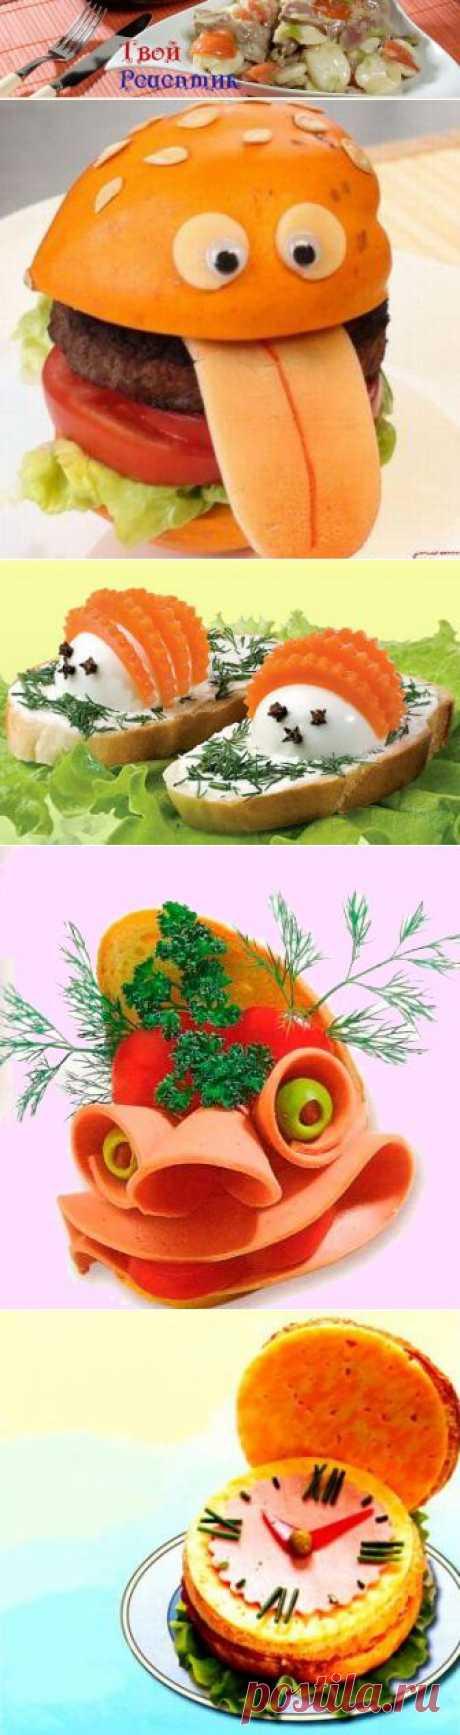 Как оформить бутерброд,фотографии оформления бутербродов как на праздничный стол,так и на каждый день